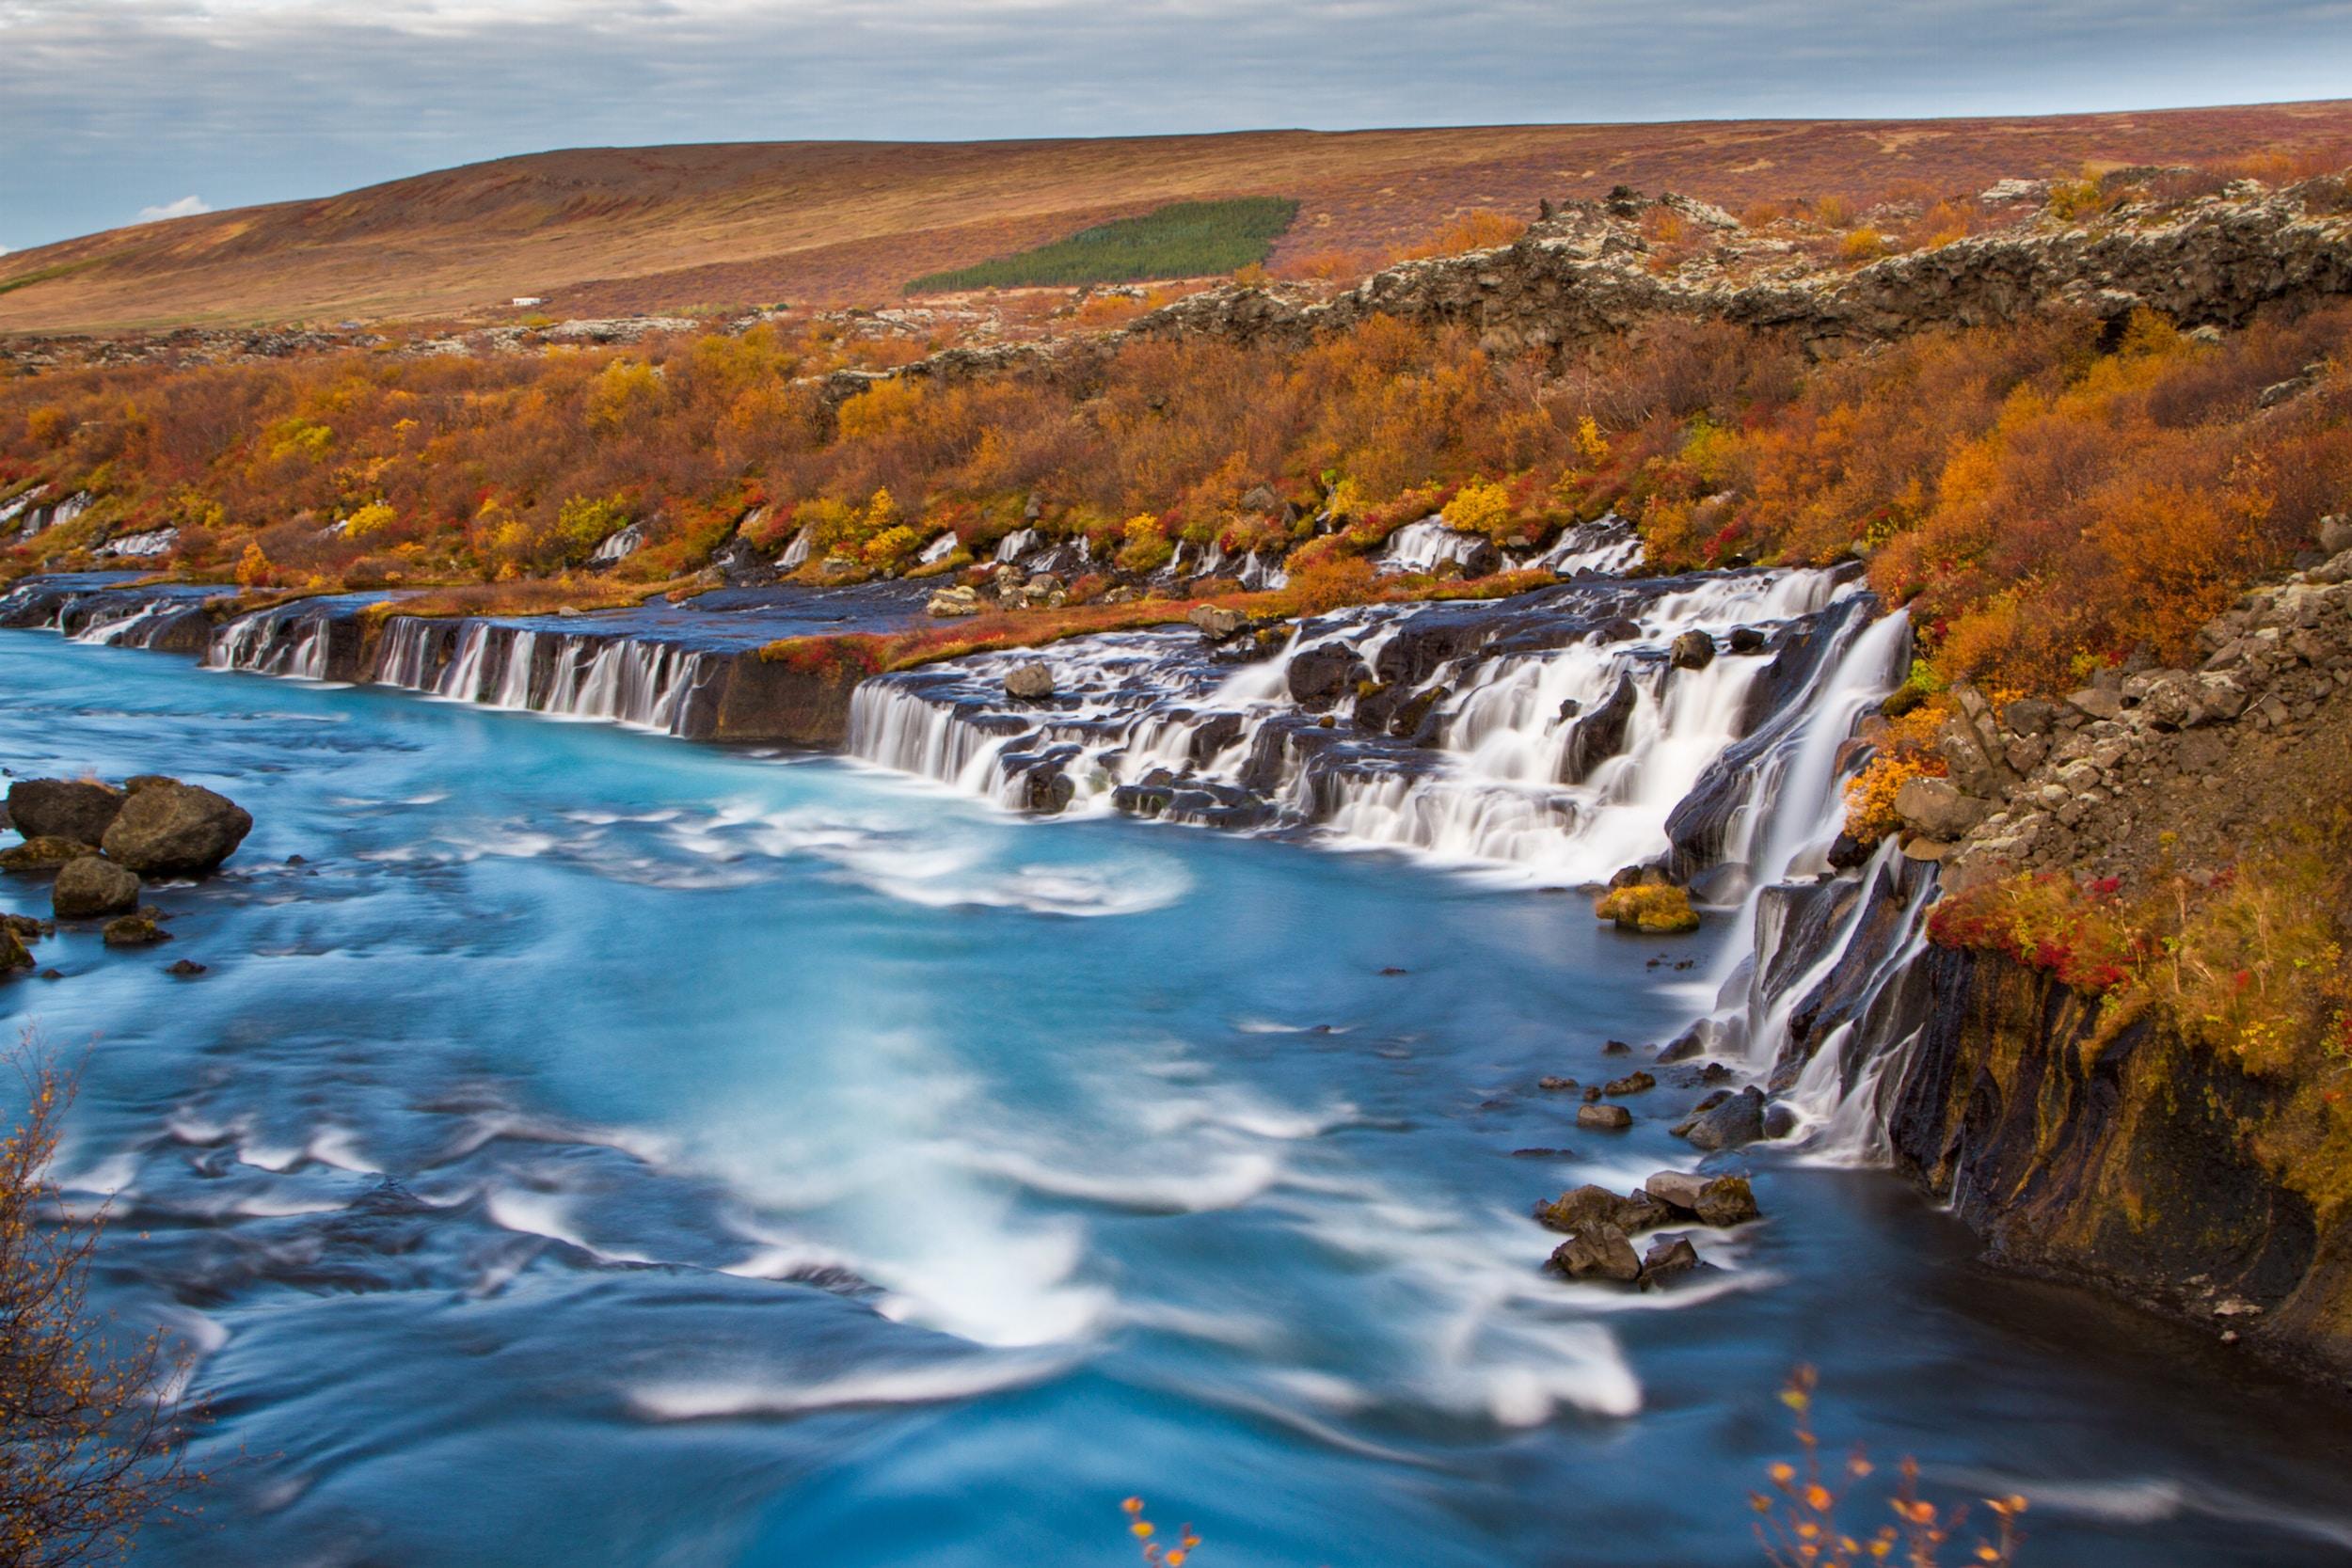 강으로 쏟아지는 폭포수 - 서부 아이슬란드